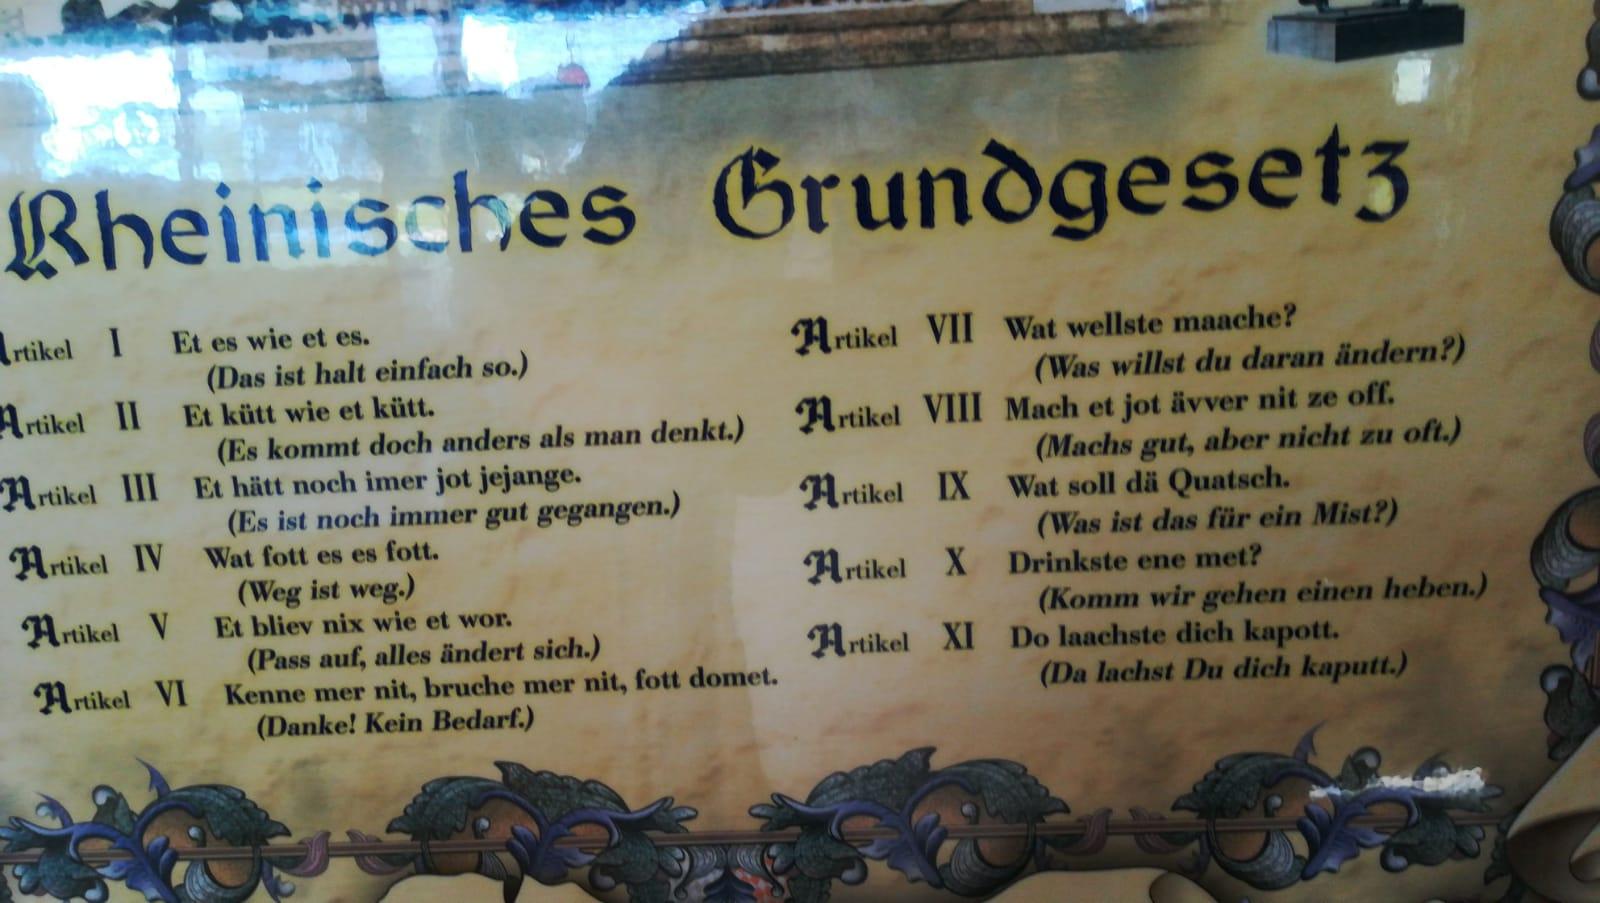 4-Tag-RheinischesGrundgesetz